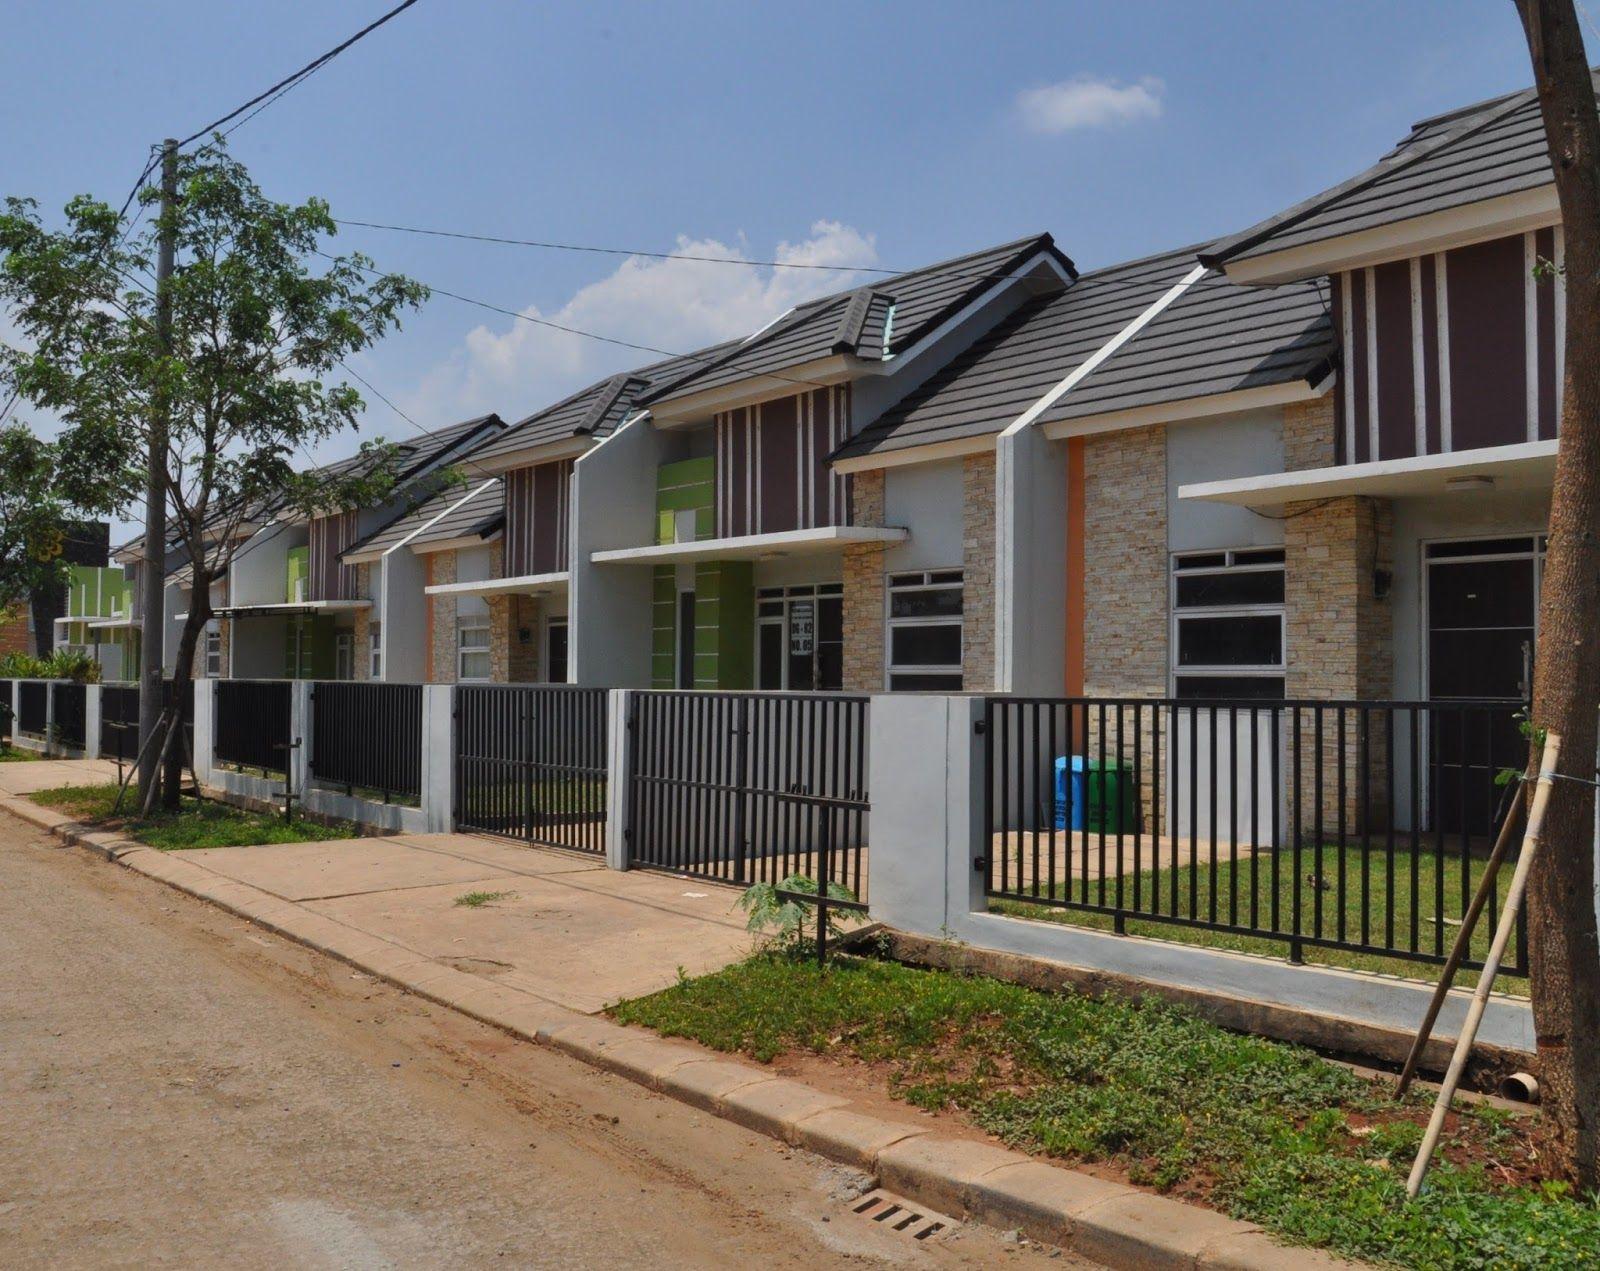 Daftar Rumah Over Kredit Rumah Take Over Bandung Desain Rumah Kecil Arsitektur Perumahan Rumah